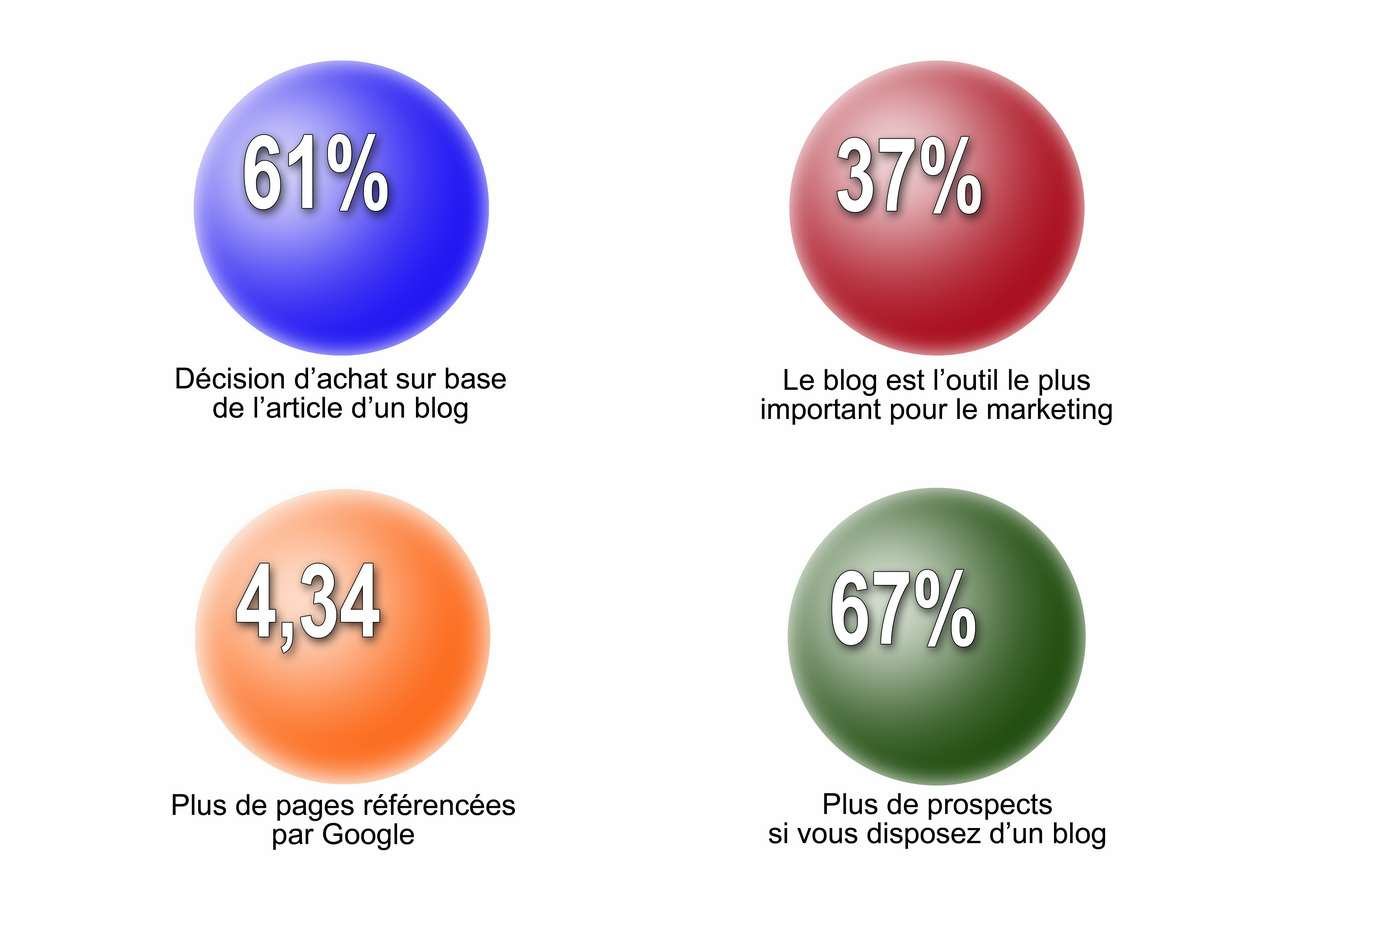 Un blog d'entreprise augmente le nombre de clients